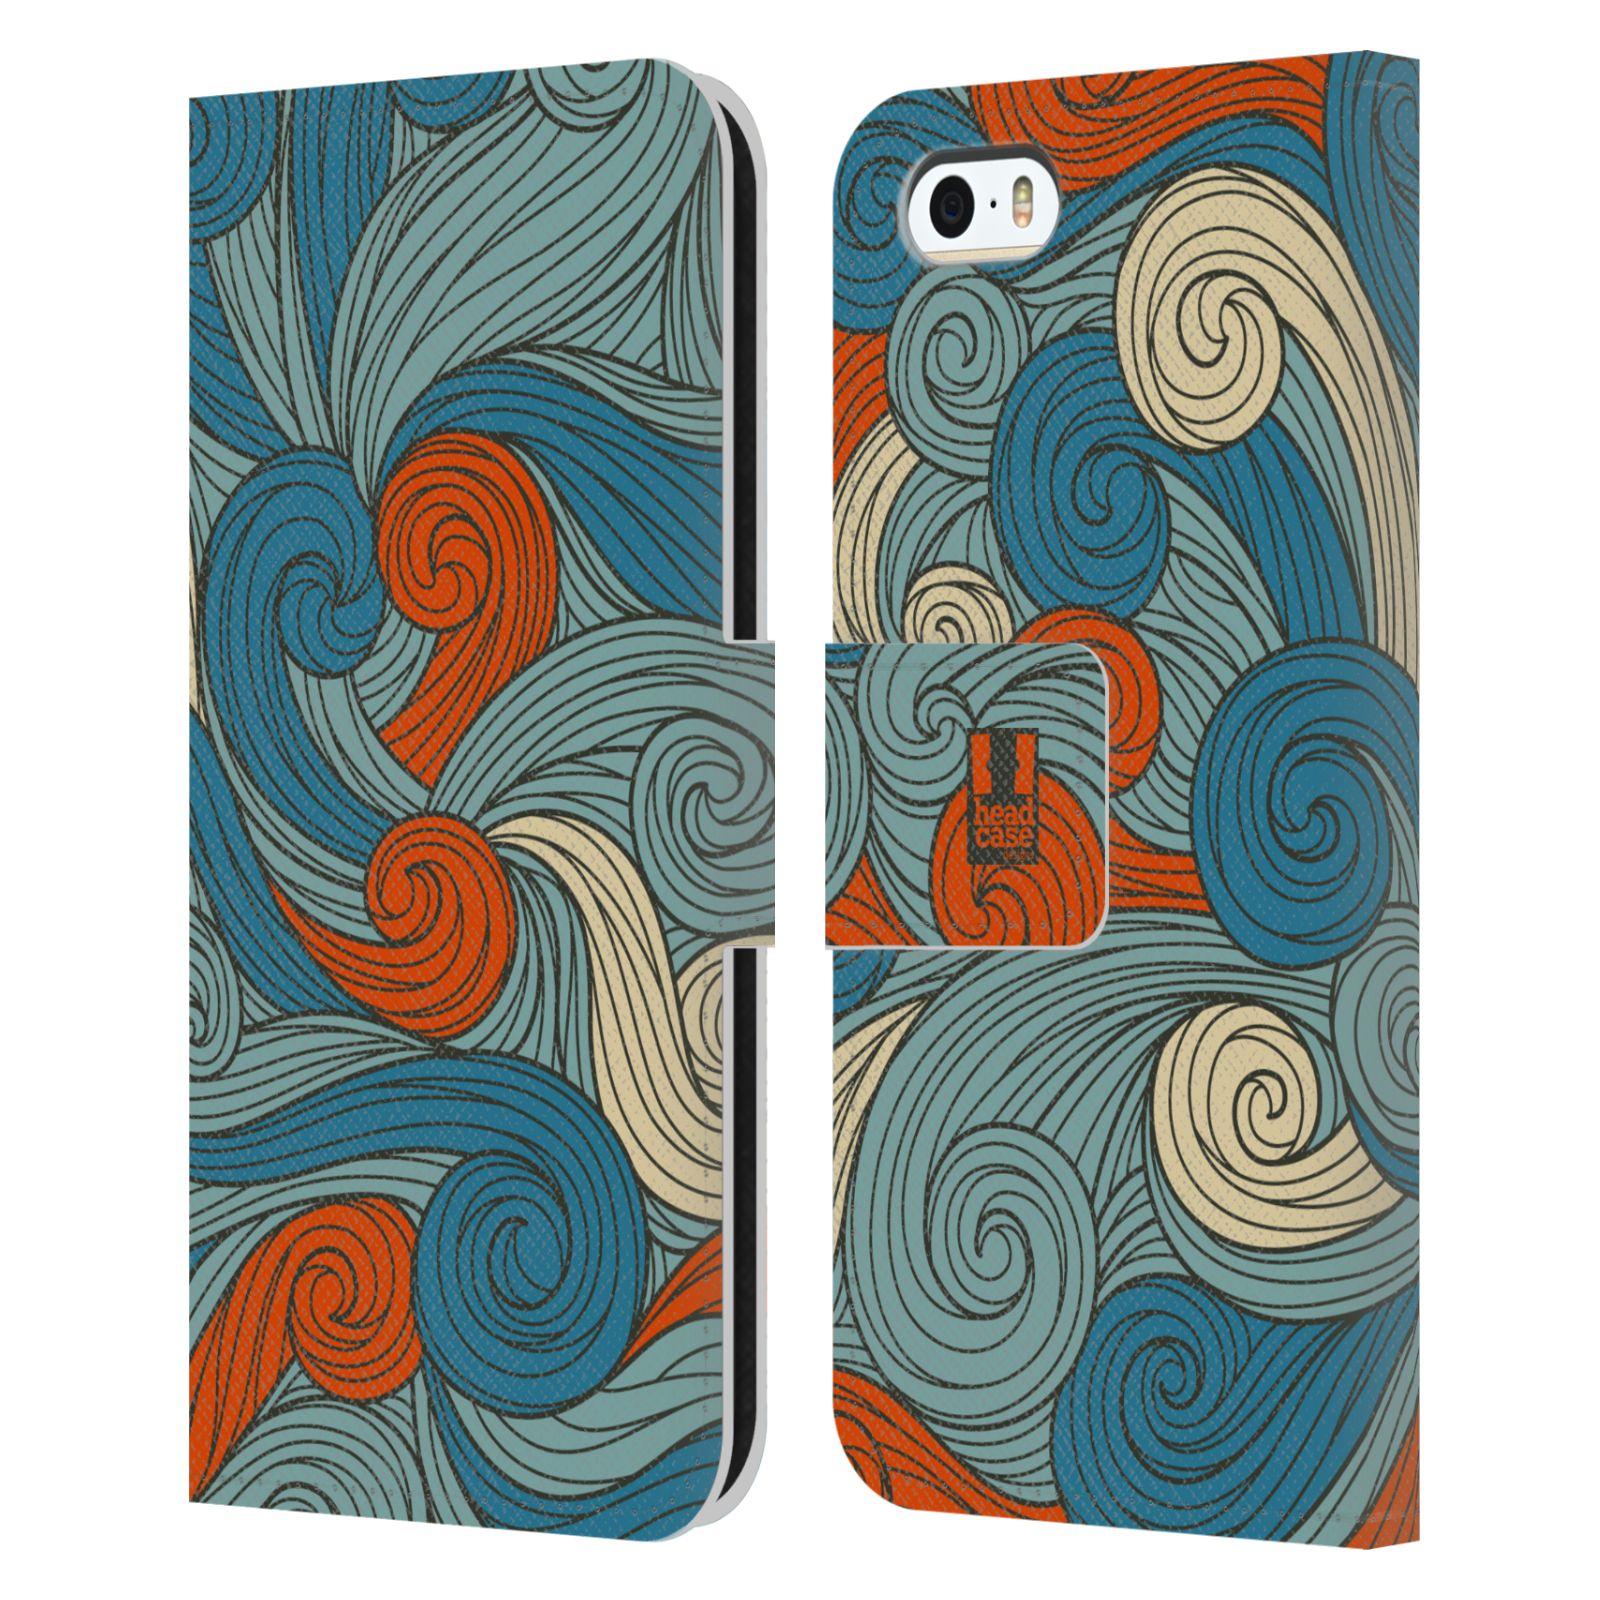 HEAD CASE Flipové pouzdro pro mobil Apple Iphone 5/5s barevné vlny oranžová a modrá